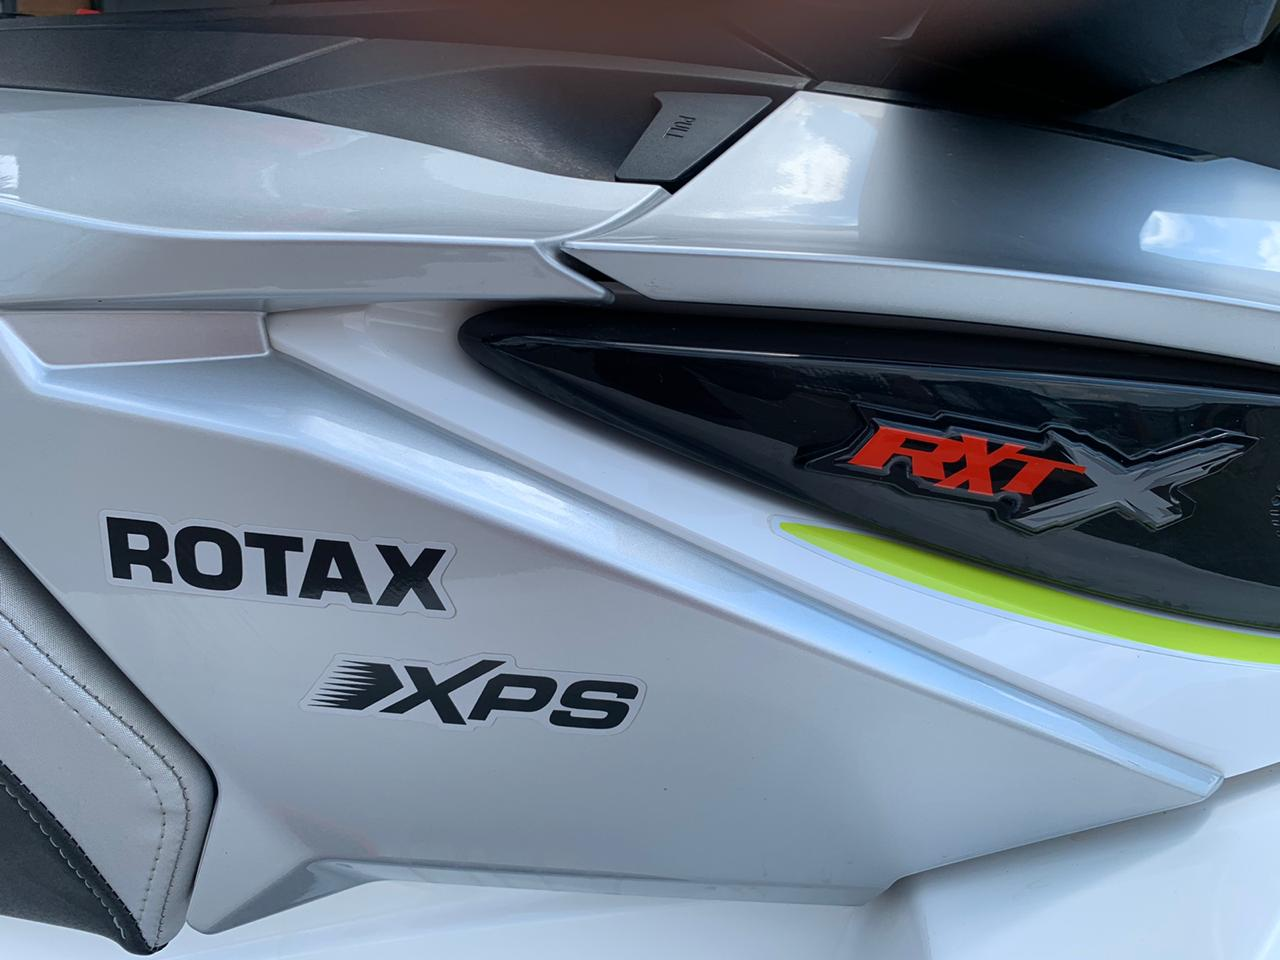 2017 Seadoo RXT 300 RS